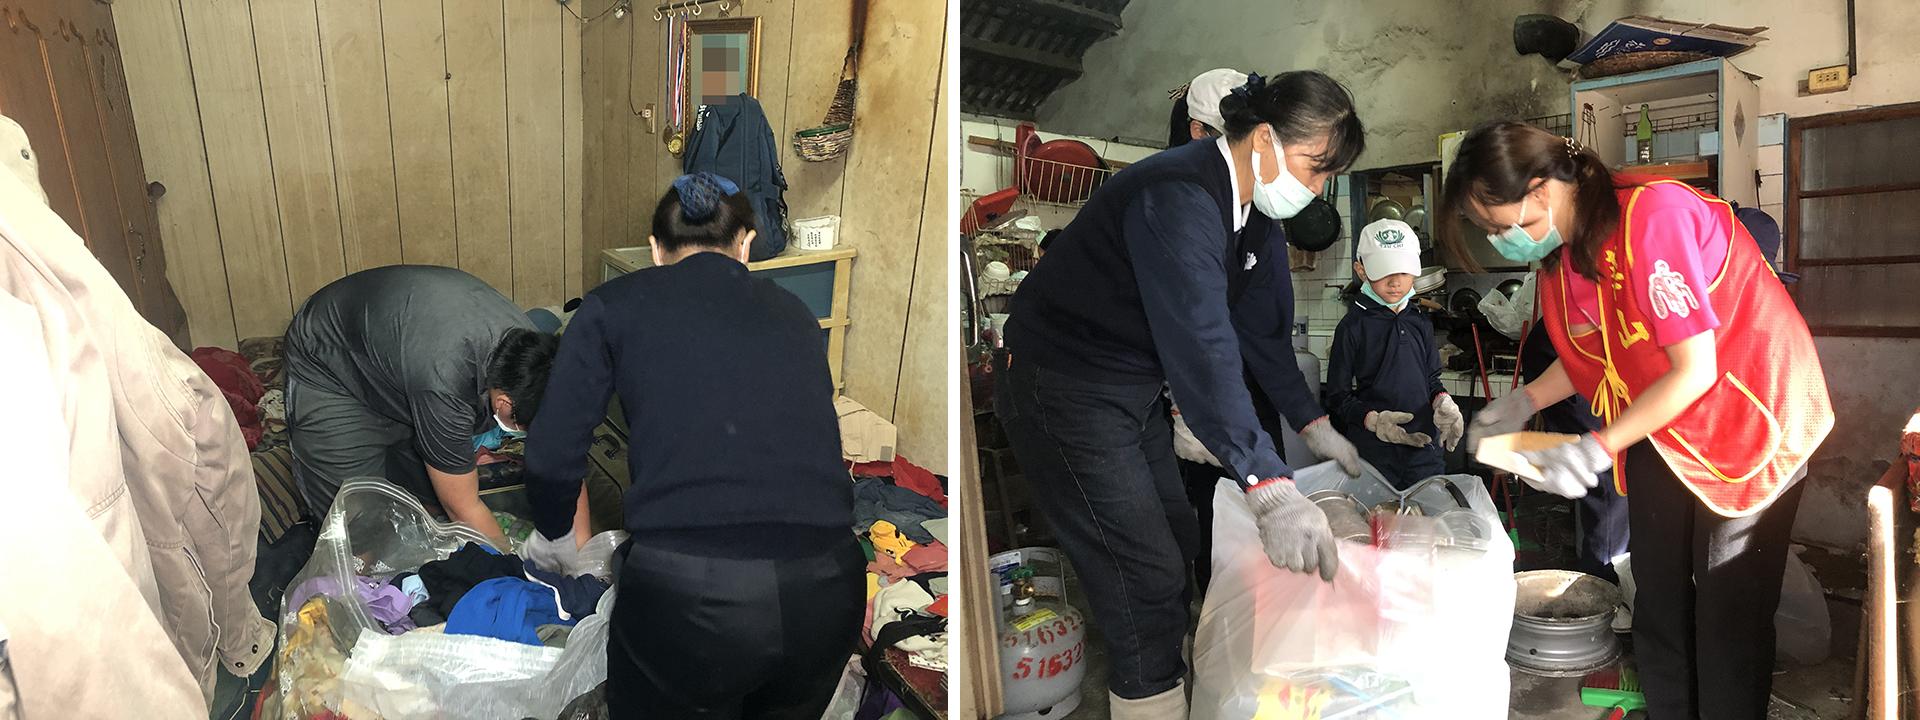 志工與張同學一同整理房間內的多年衣服及雜物。第一次跟慈濟基金會連結清掃,這是互相『力上加力』,攜手同共完成一個使命,給張先生一個乾淨的家。